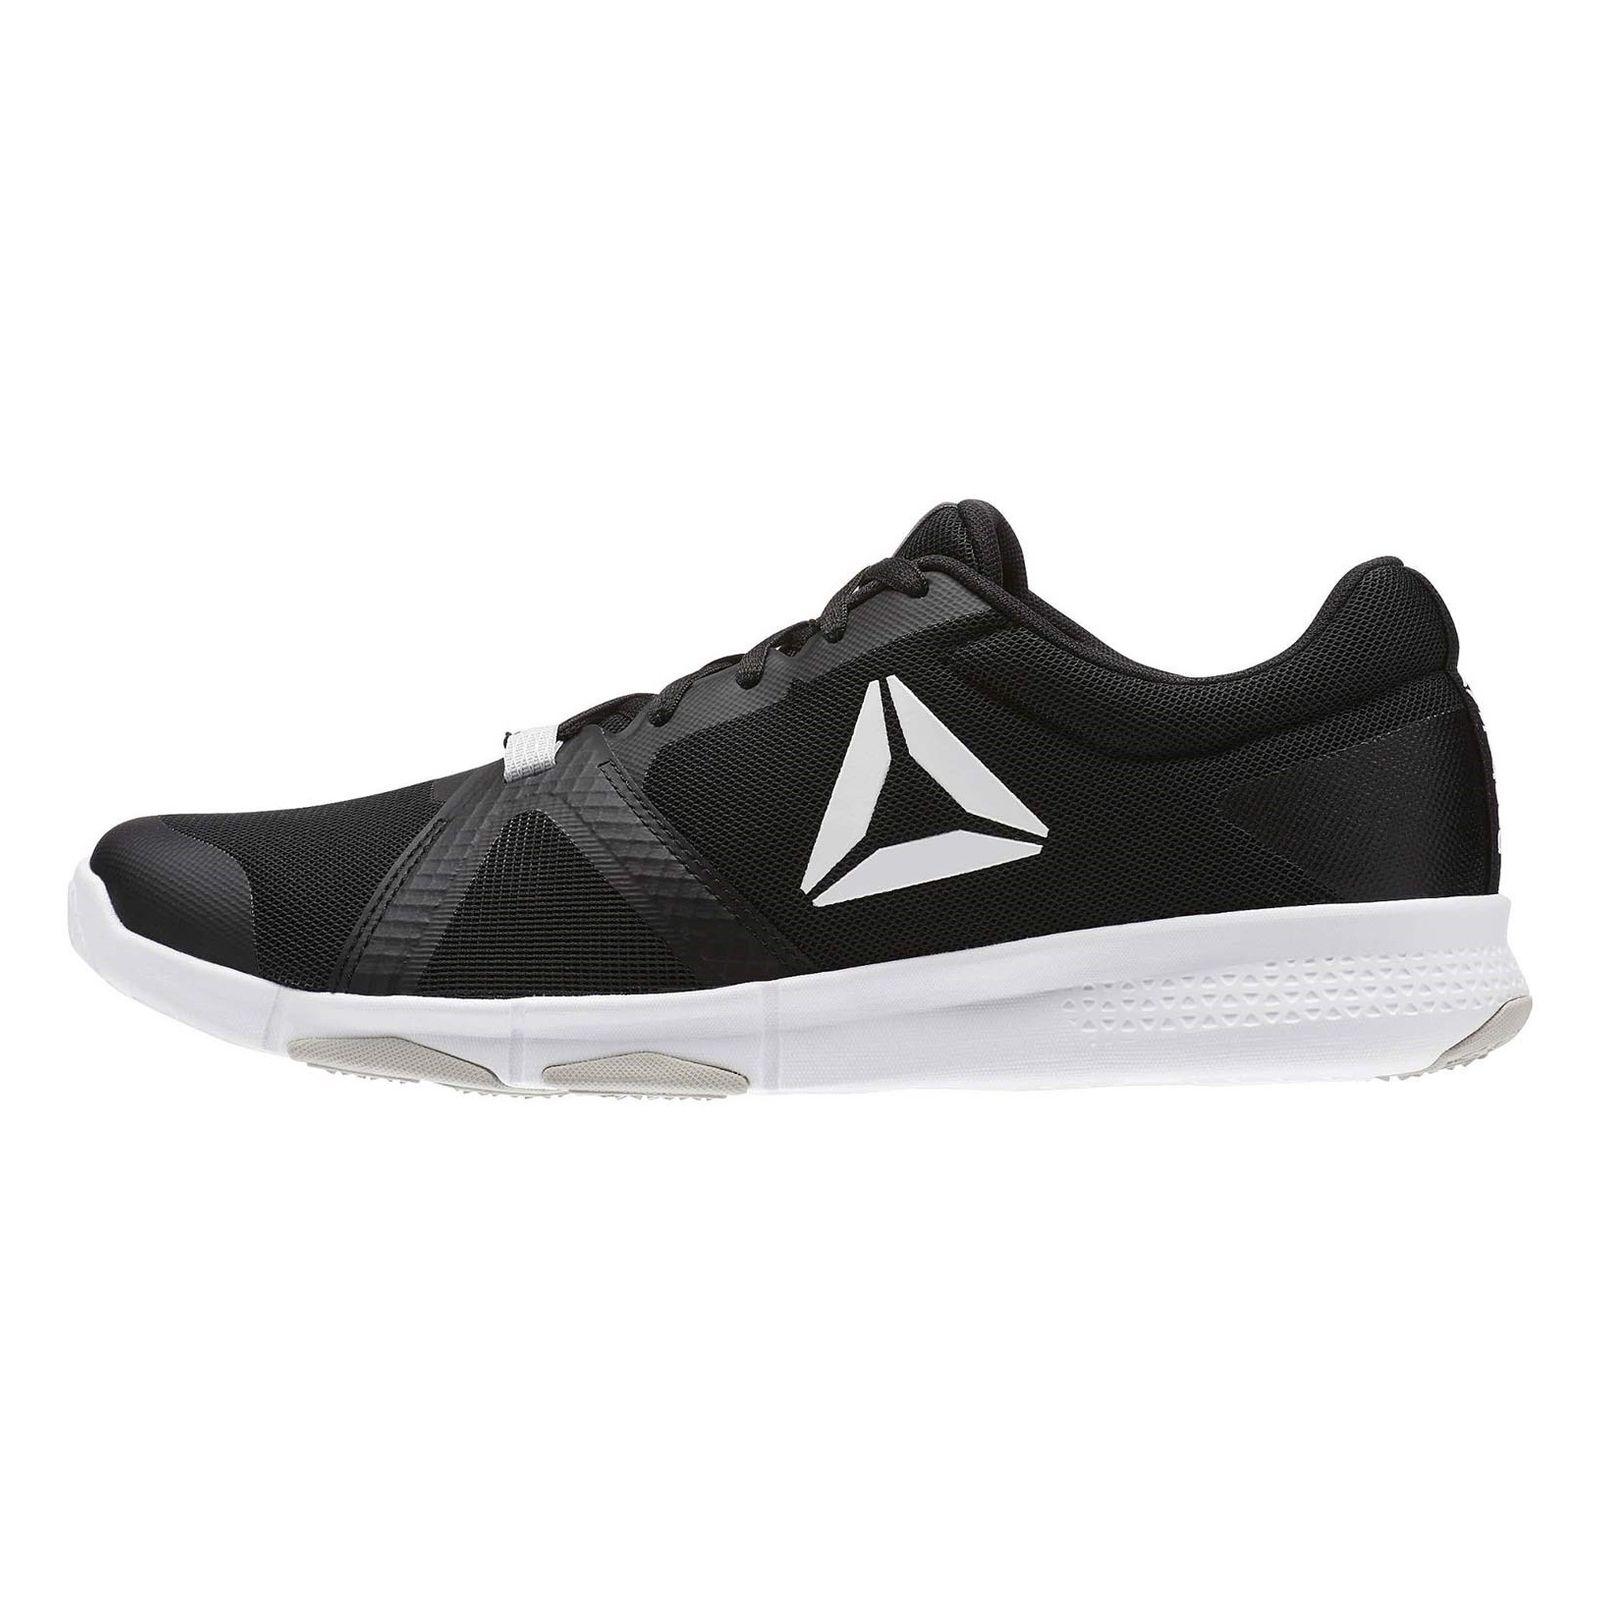 کفش تمرین بندی مردانه Flexile - ریباک - مشکي - 3